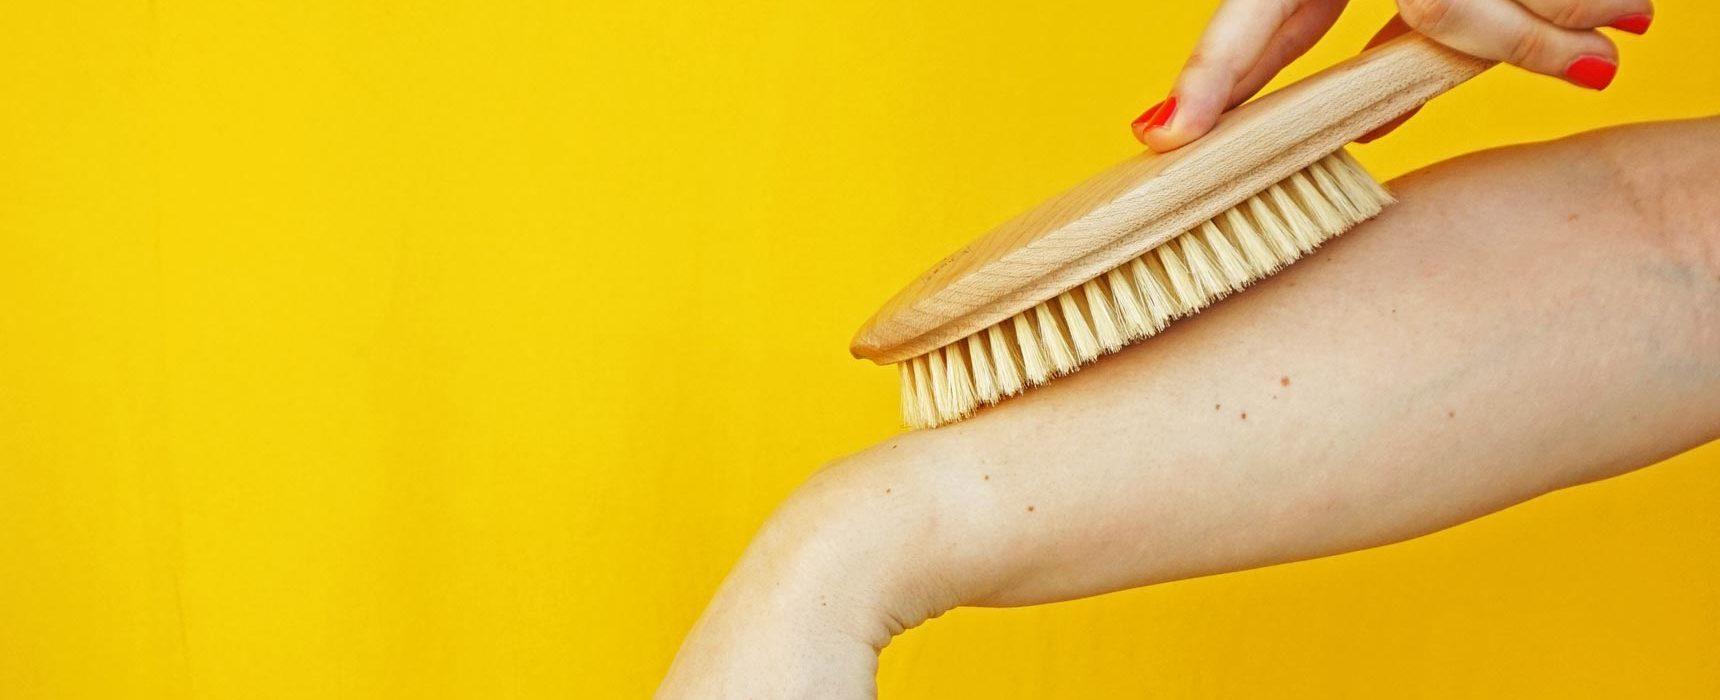 www.detail-verliebt.de: Dry Brushing (auch Bürstenmassage oder Trockenbürsten genannt) macht schöner und gesünder. Es regt ist ein Ritual, das mich aufweckt, die Haut pflegt und gleichzeitig einen Beitrag zu meiner Gesundheit leistet.